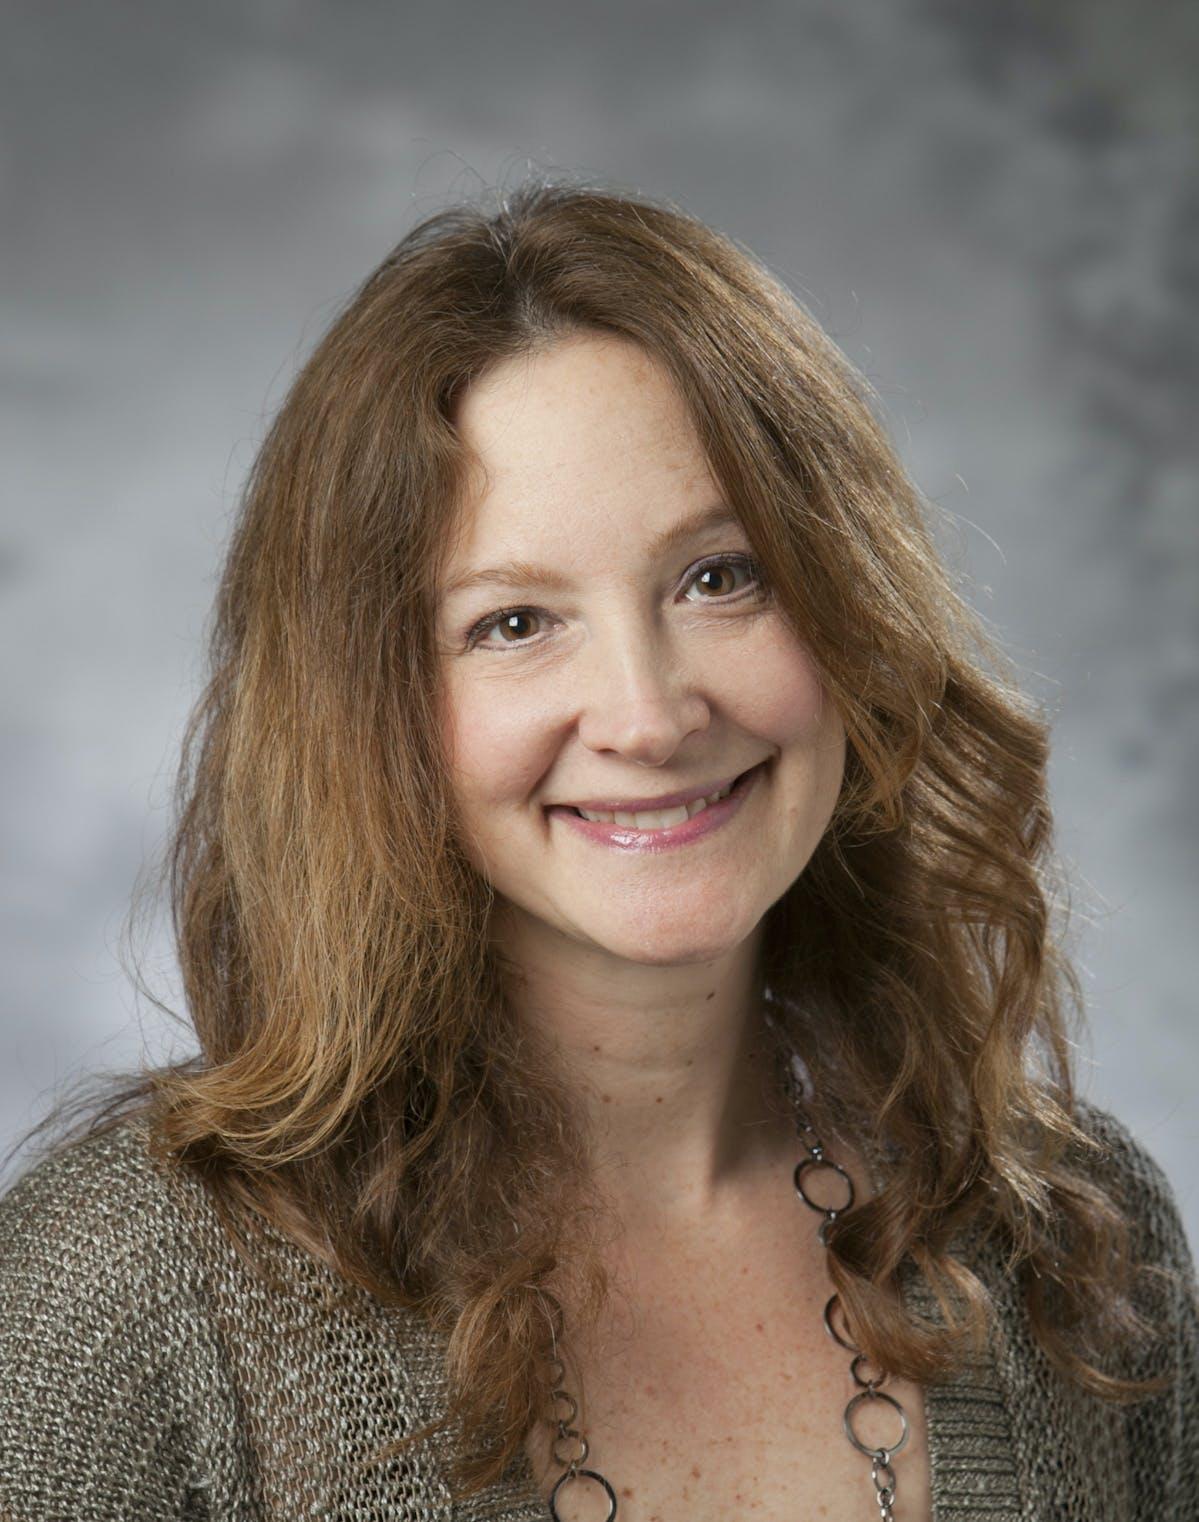 Dr. Denise Comer